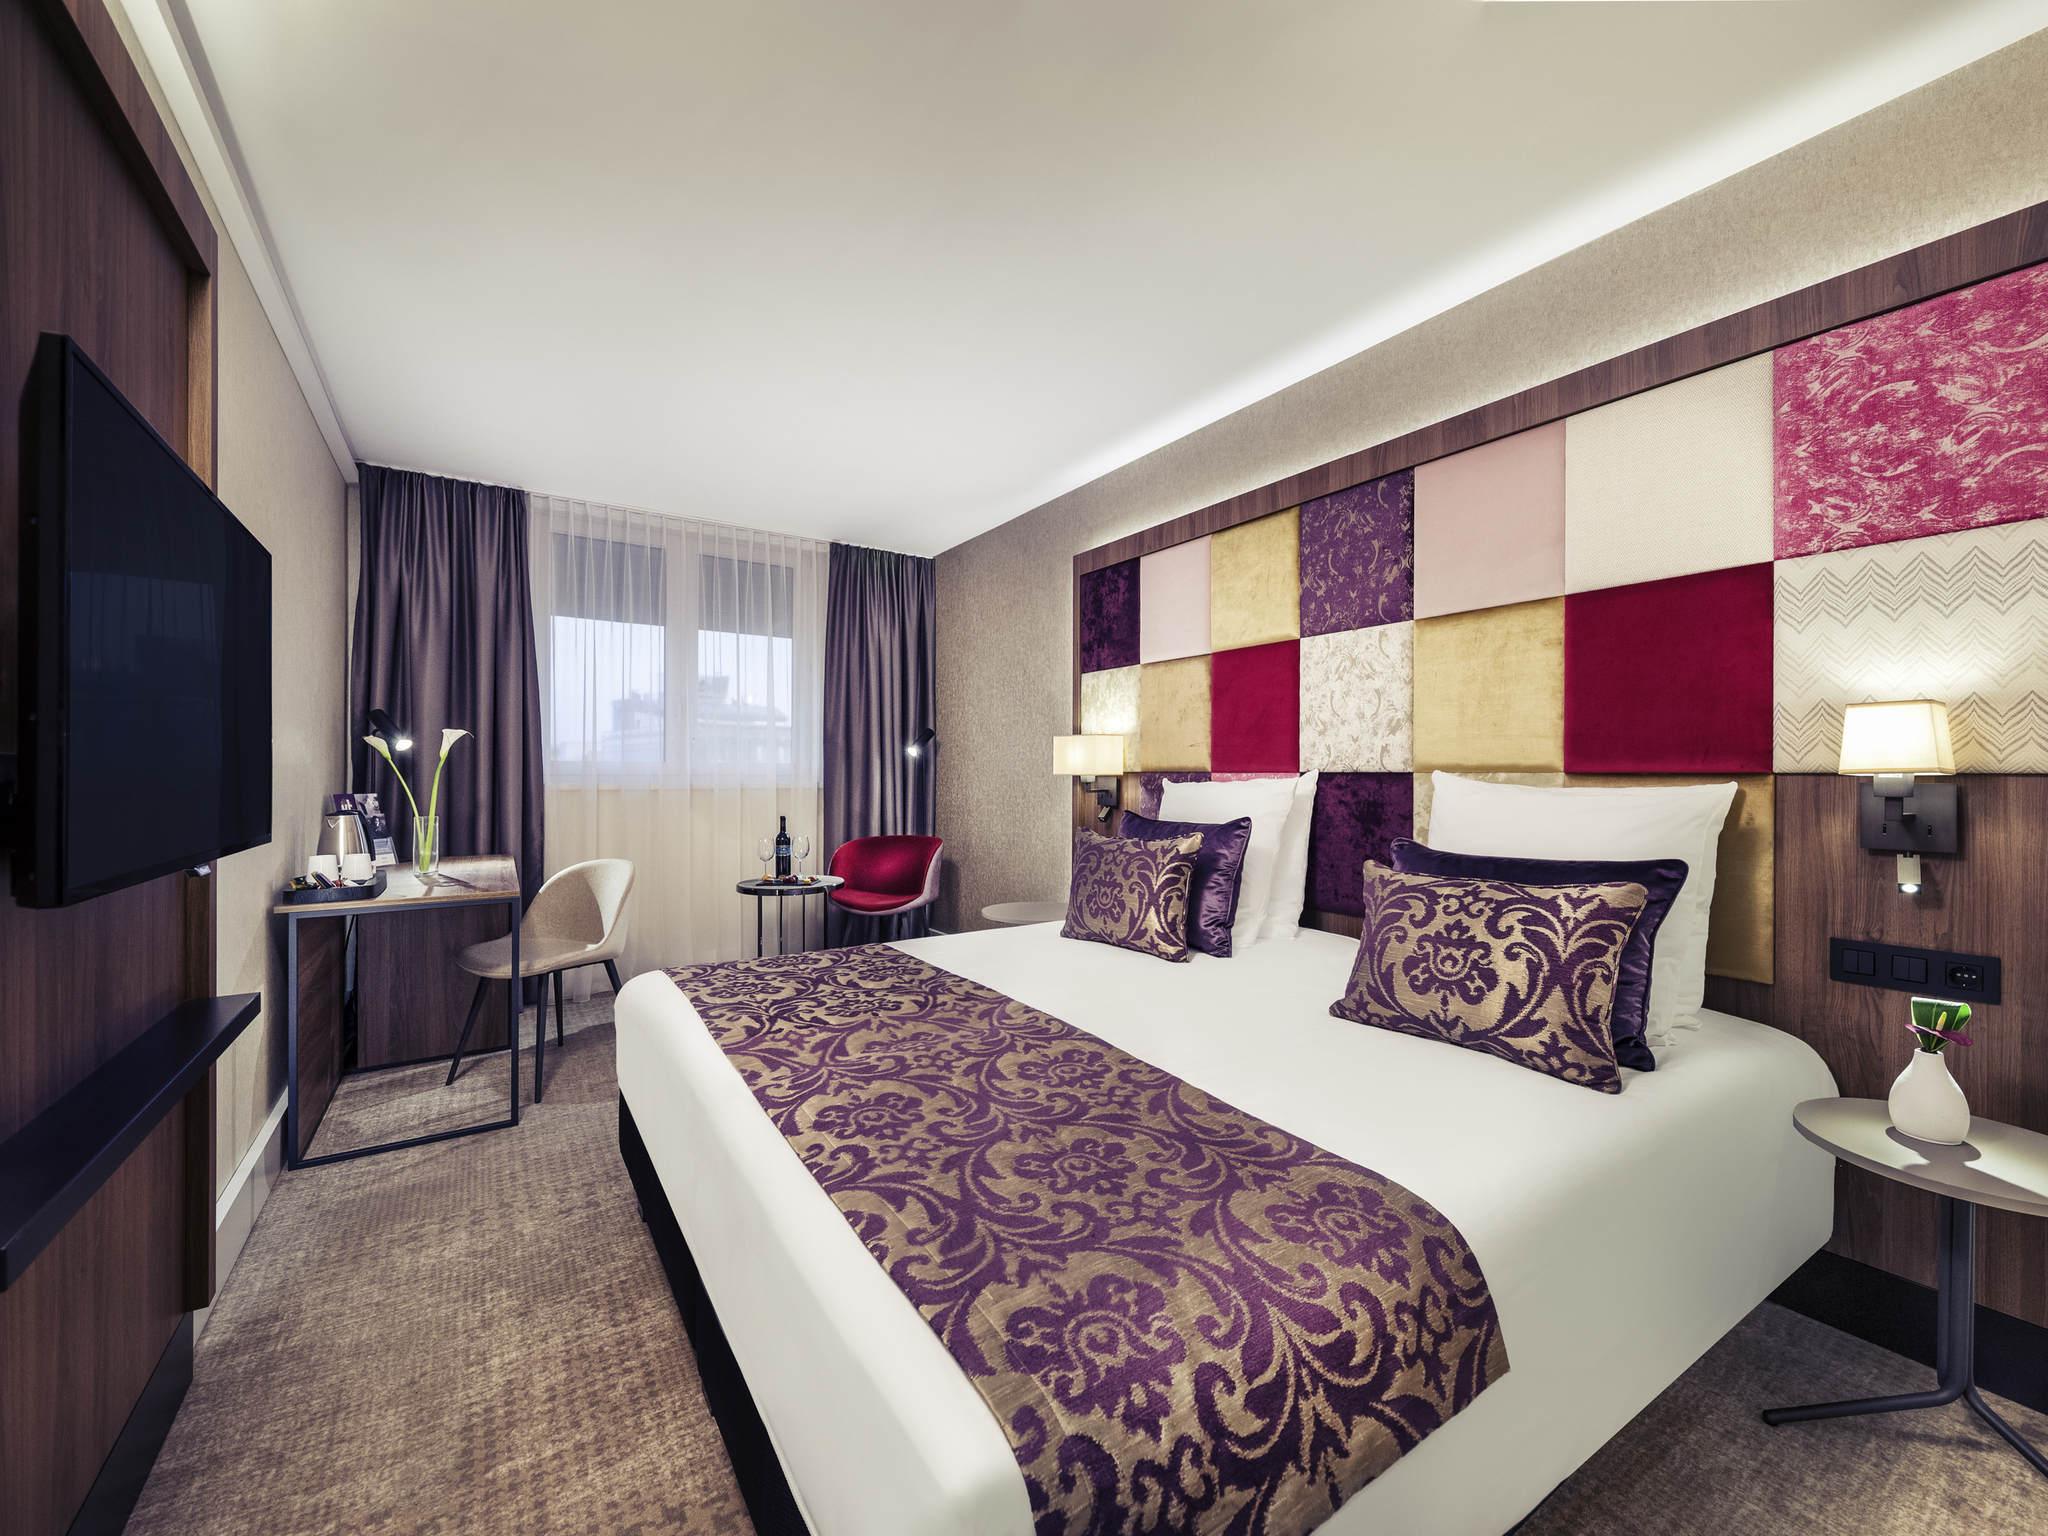 酒店 – 布达佩斯卡罗纳美居酒店